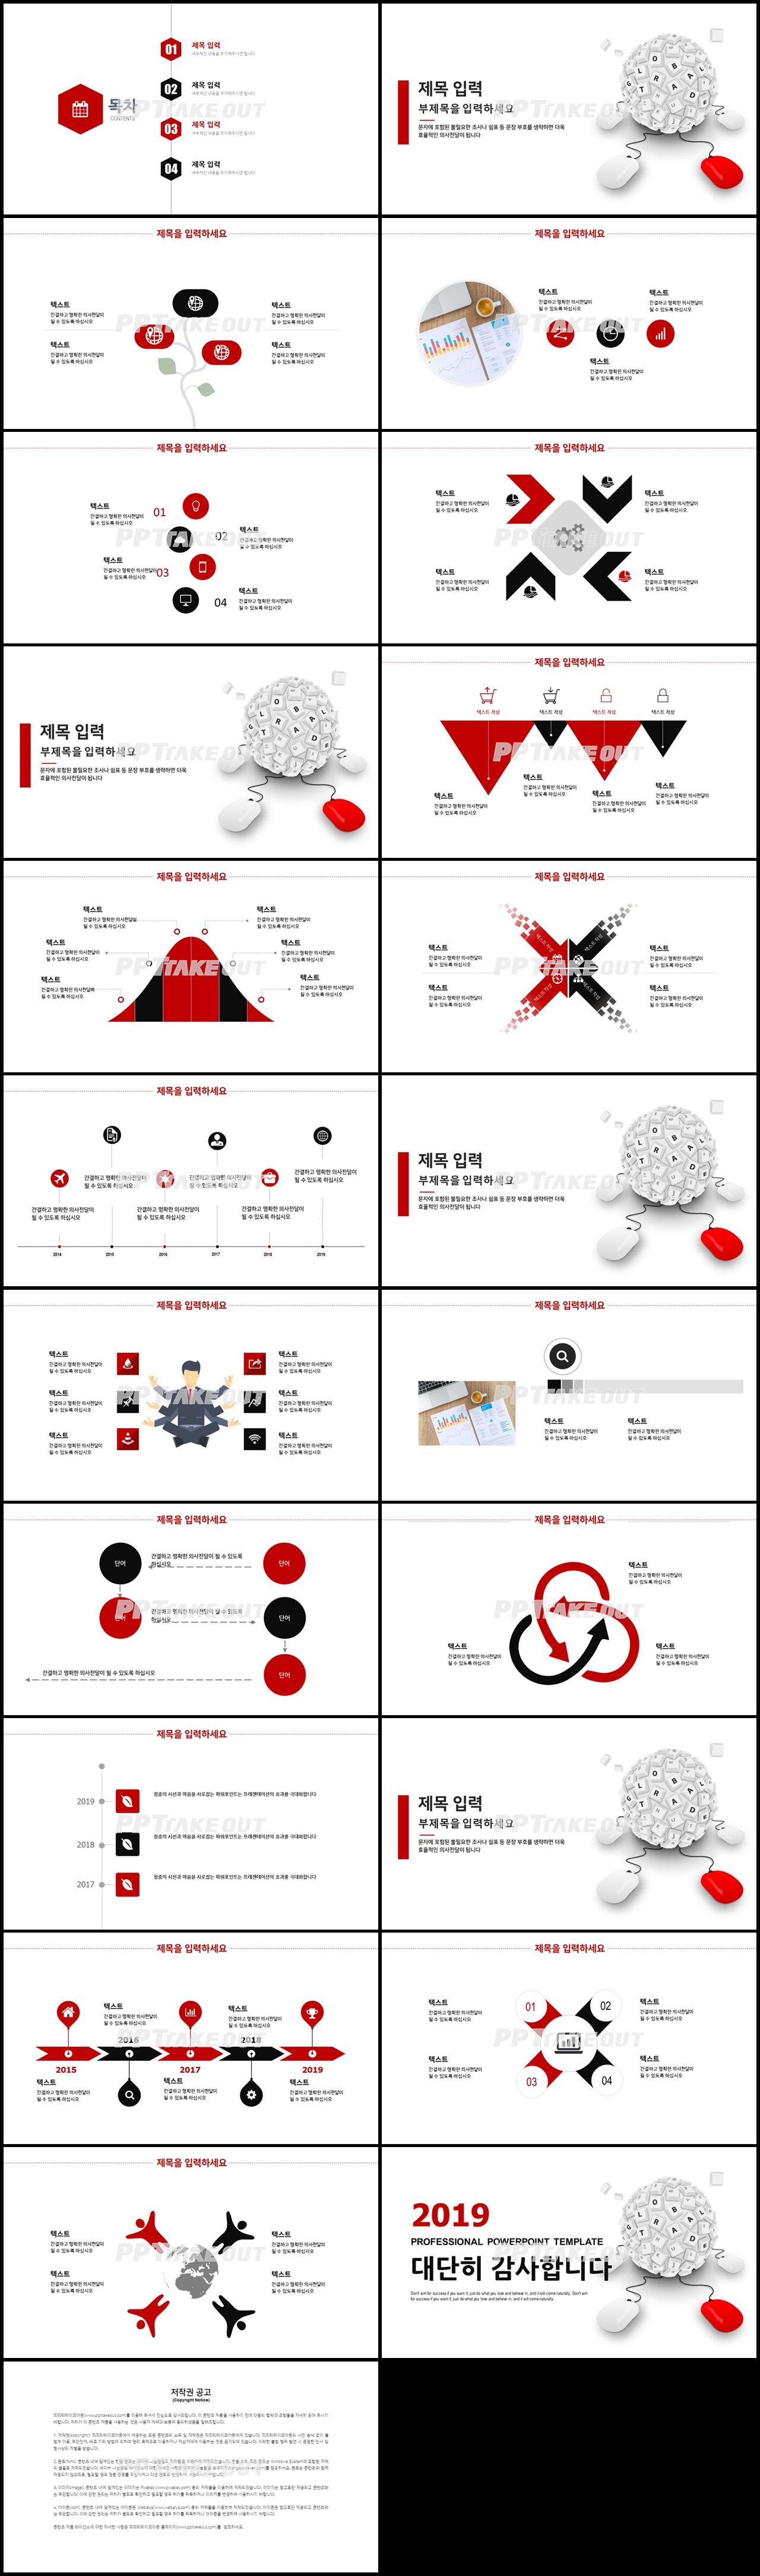 비즈니스 붉은색 깔끔한 다양한 주제에 어울리는 PPT탬플릿 디자인 상세보기